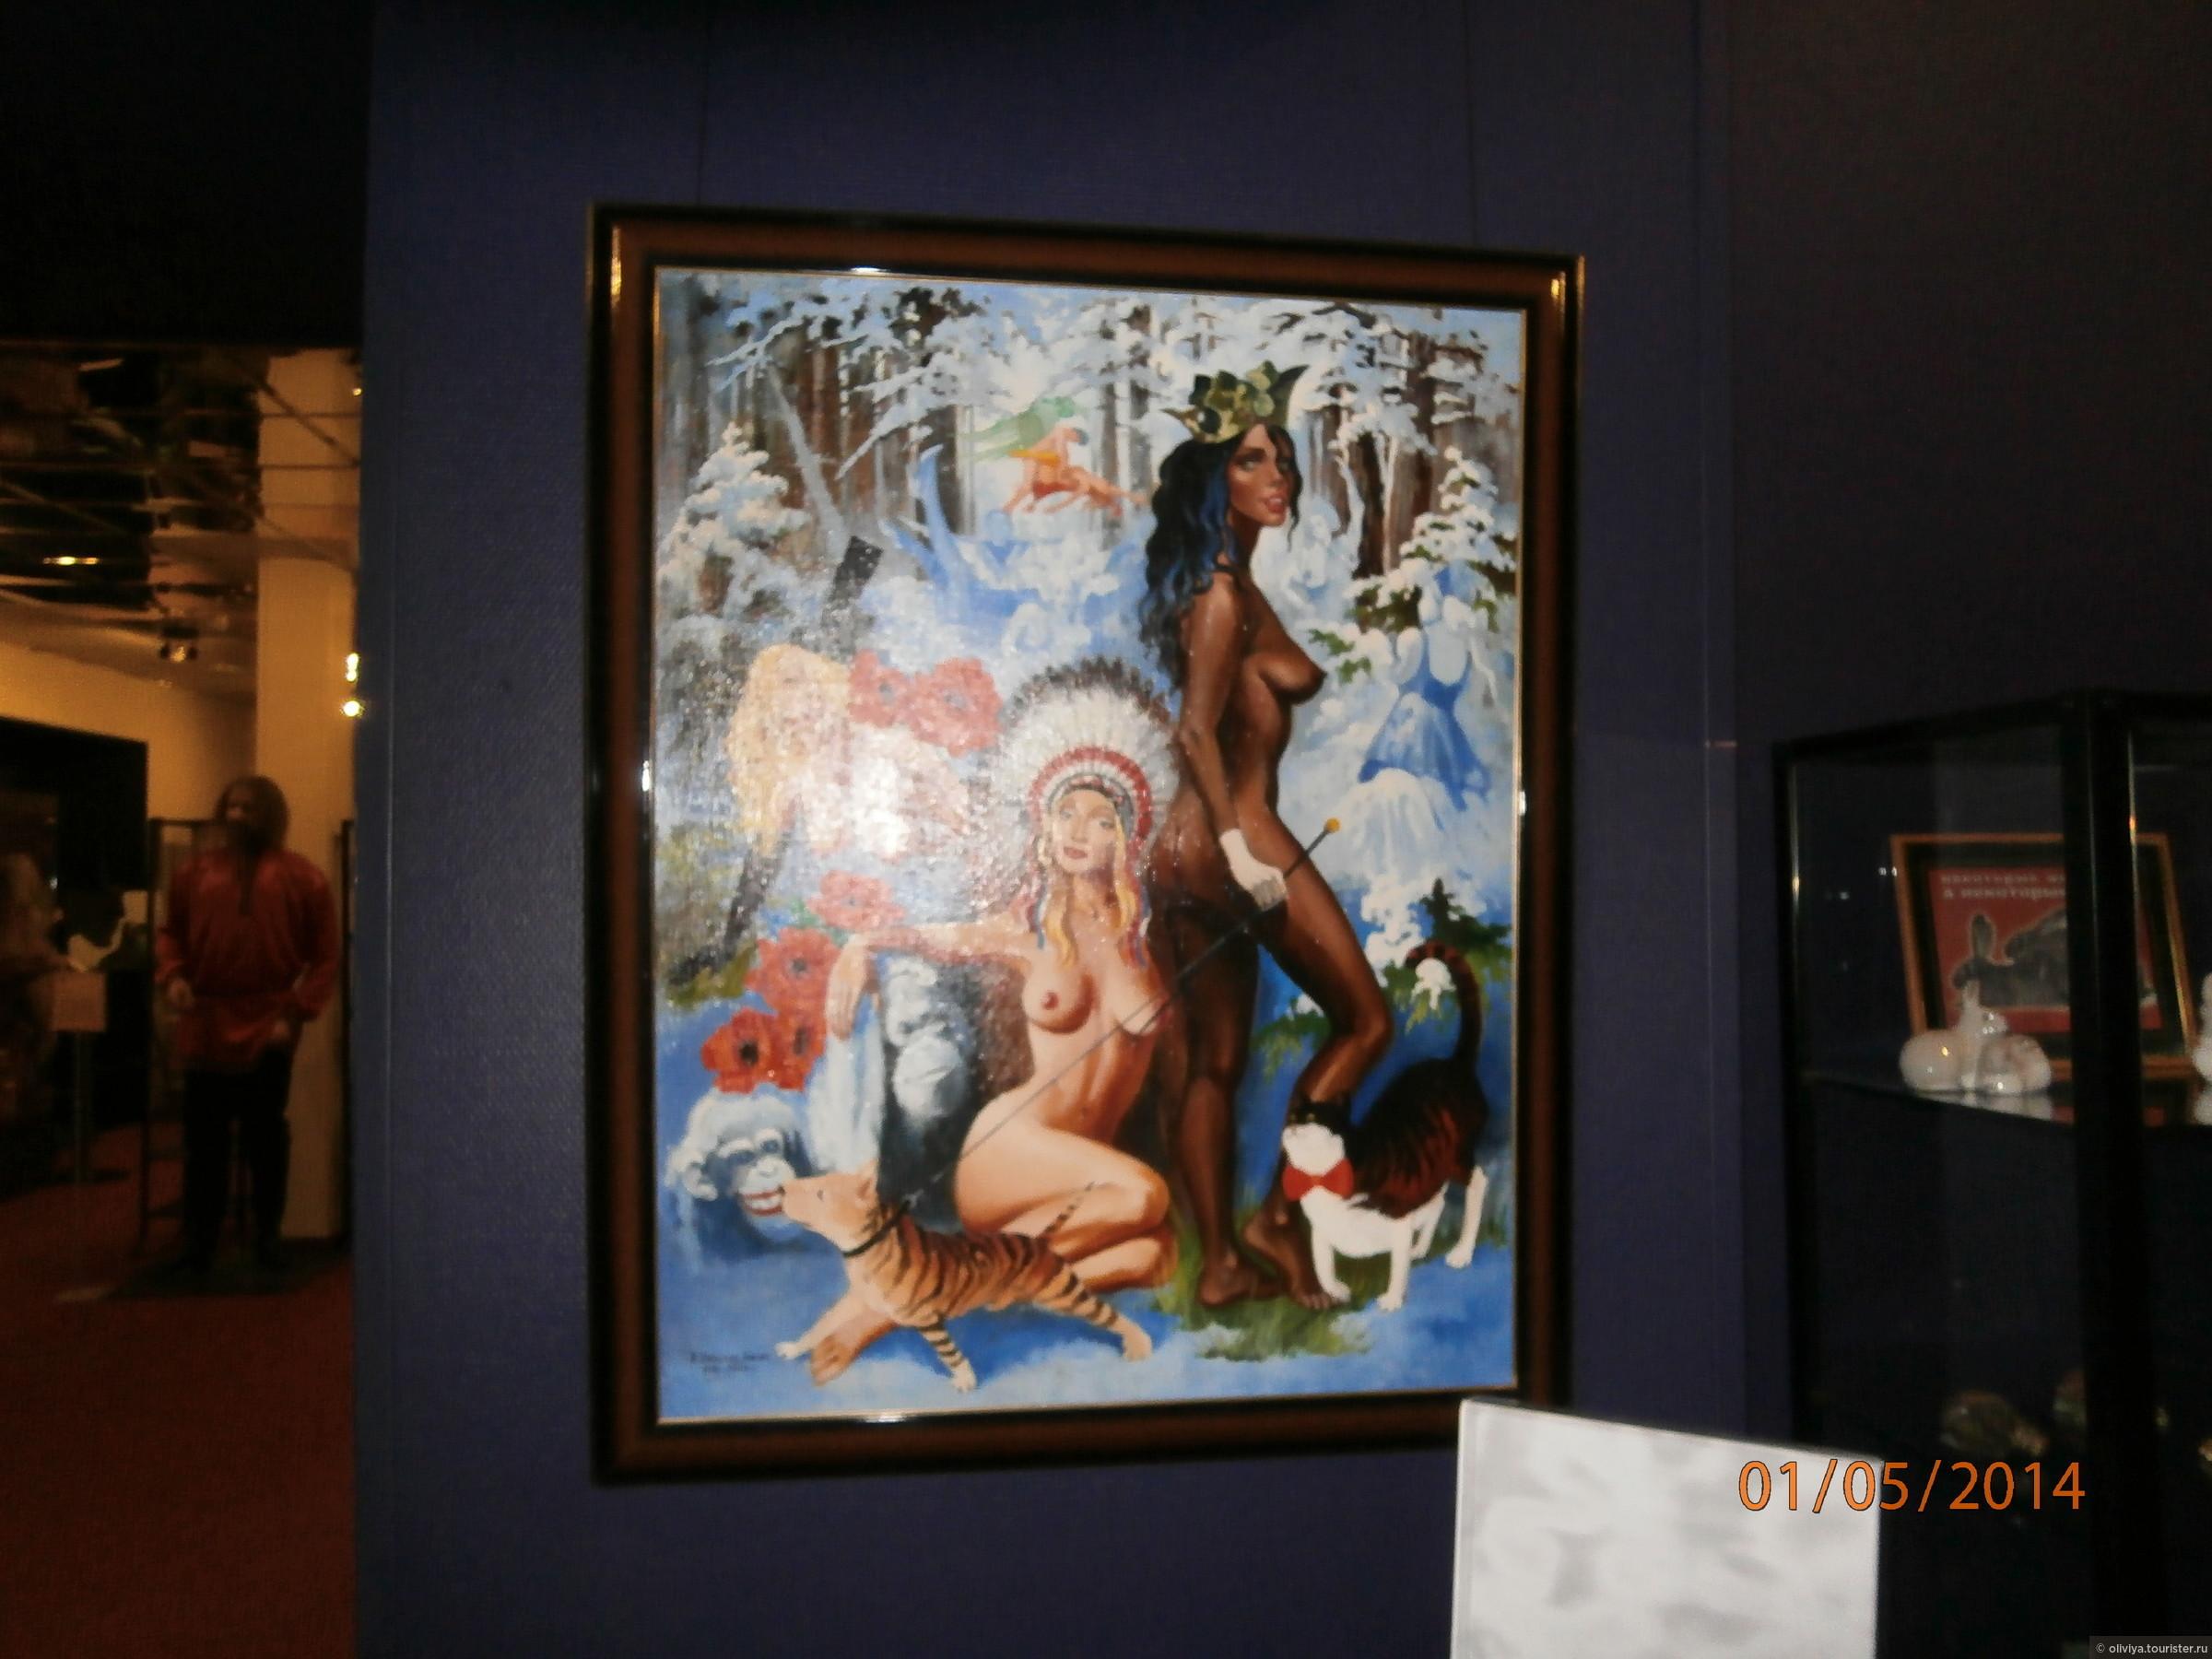 Музей эротики спб 1 фотография